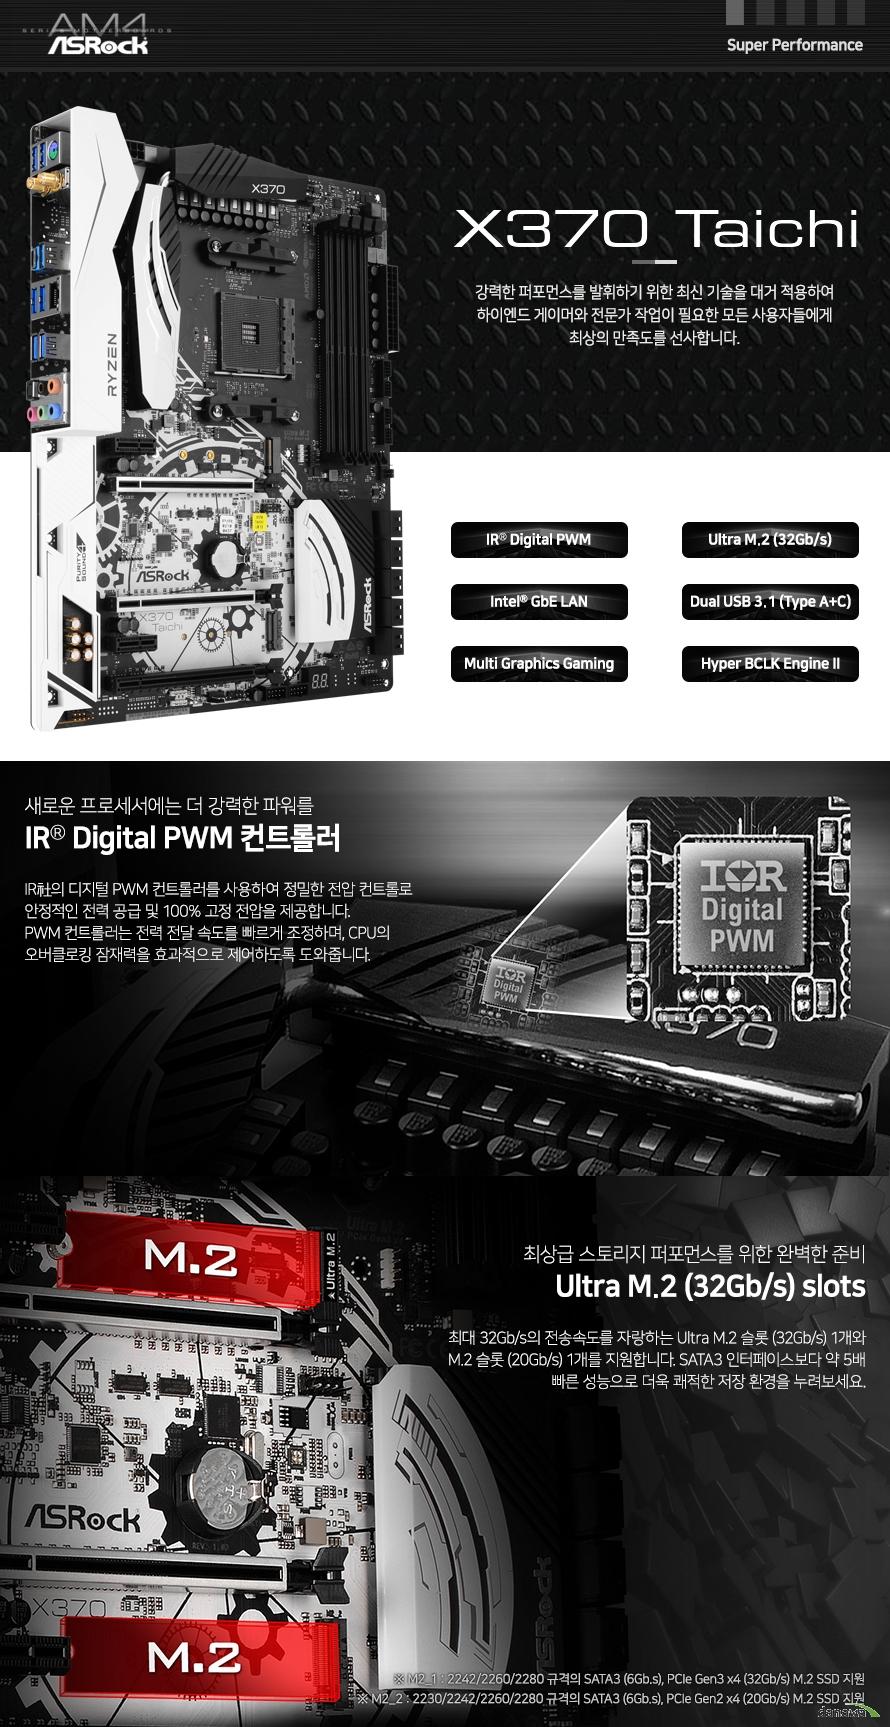 디지털 PWM 컨트롤러를 사용하여 정밀한 전압 컨트롤로 안정적인 전력 공급 및 고정 전압을 제공합니다. PWM 컨트롤러는 전력 전달 속도를 빠르게 조정하며, CPU의 오버클로킹 잠재력을 효과적으로 제어하도록 도와줍니다. 최대 32Gb/s의 전송속도를 자랑하는 Ultra M.2 슬롯 (32Gb/s) 1개와 M.2 슬롯 (20Gb/s) 1개를 지원합니다. SATA3 인터페이스보다 약 5배 빠른 성능으로 더욱 쾌적한 저장 환경을 누려보세요.